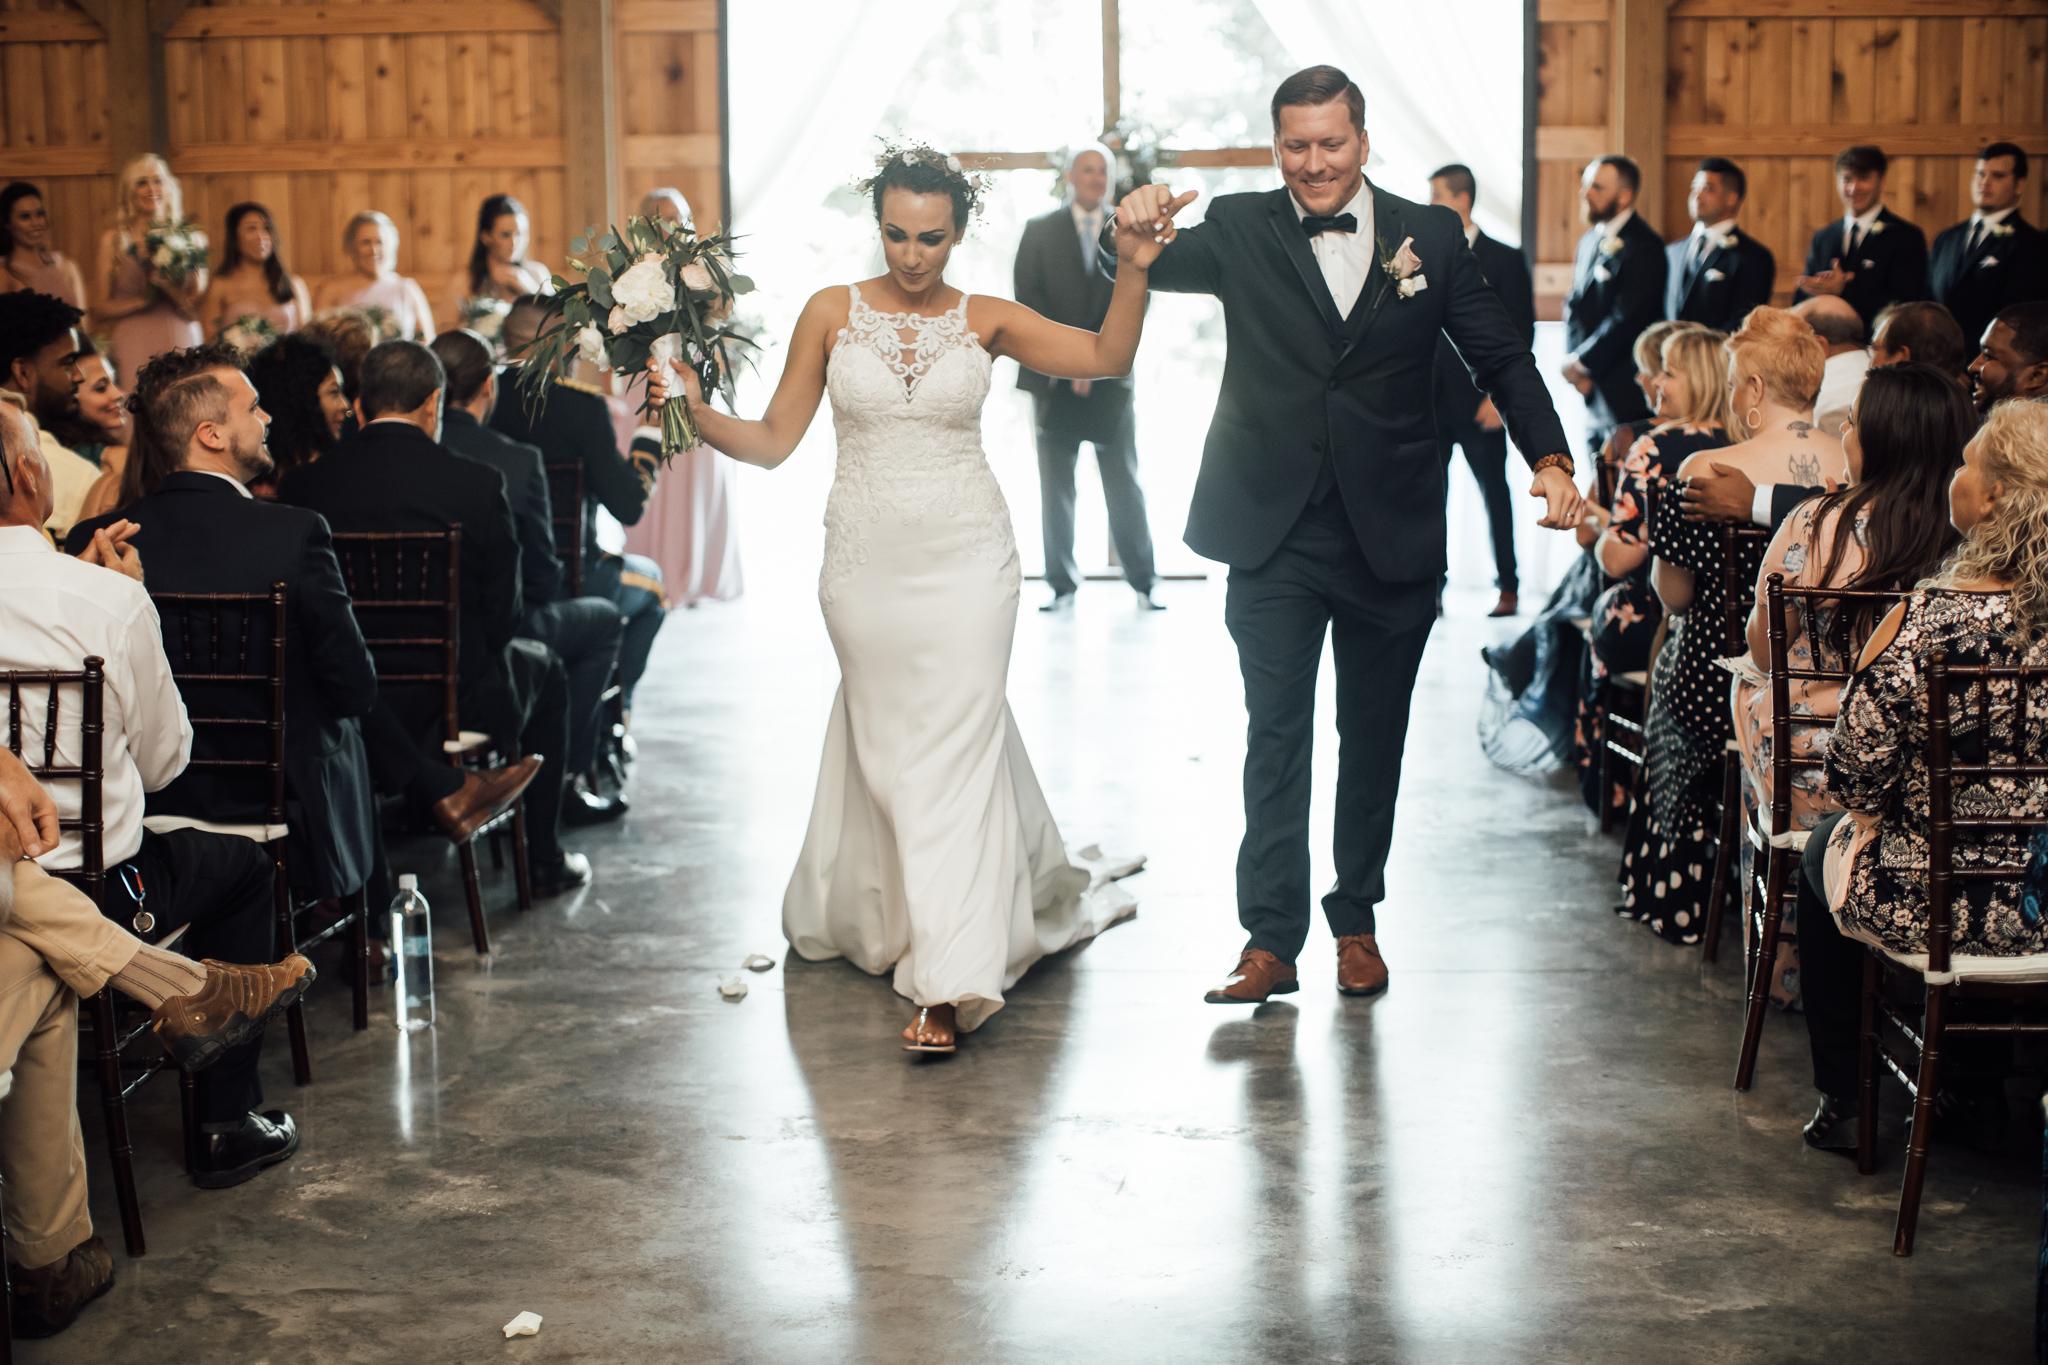 saddlewoodsfarms-nashville-wedding-photographer-thewarmtharoundyou-rustic-wedding (44 of 251).jpg